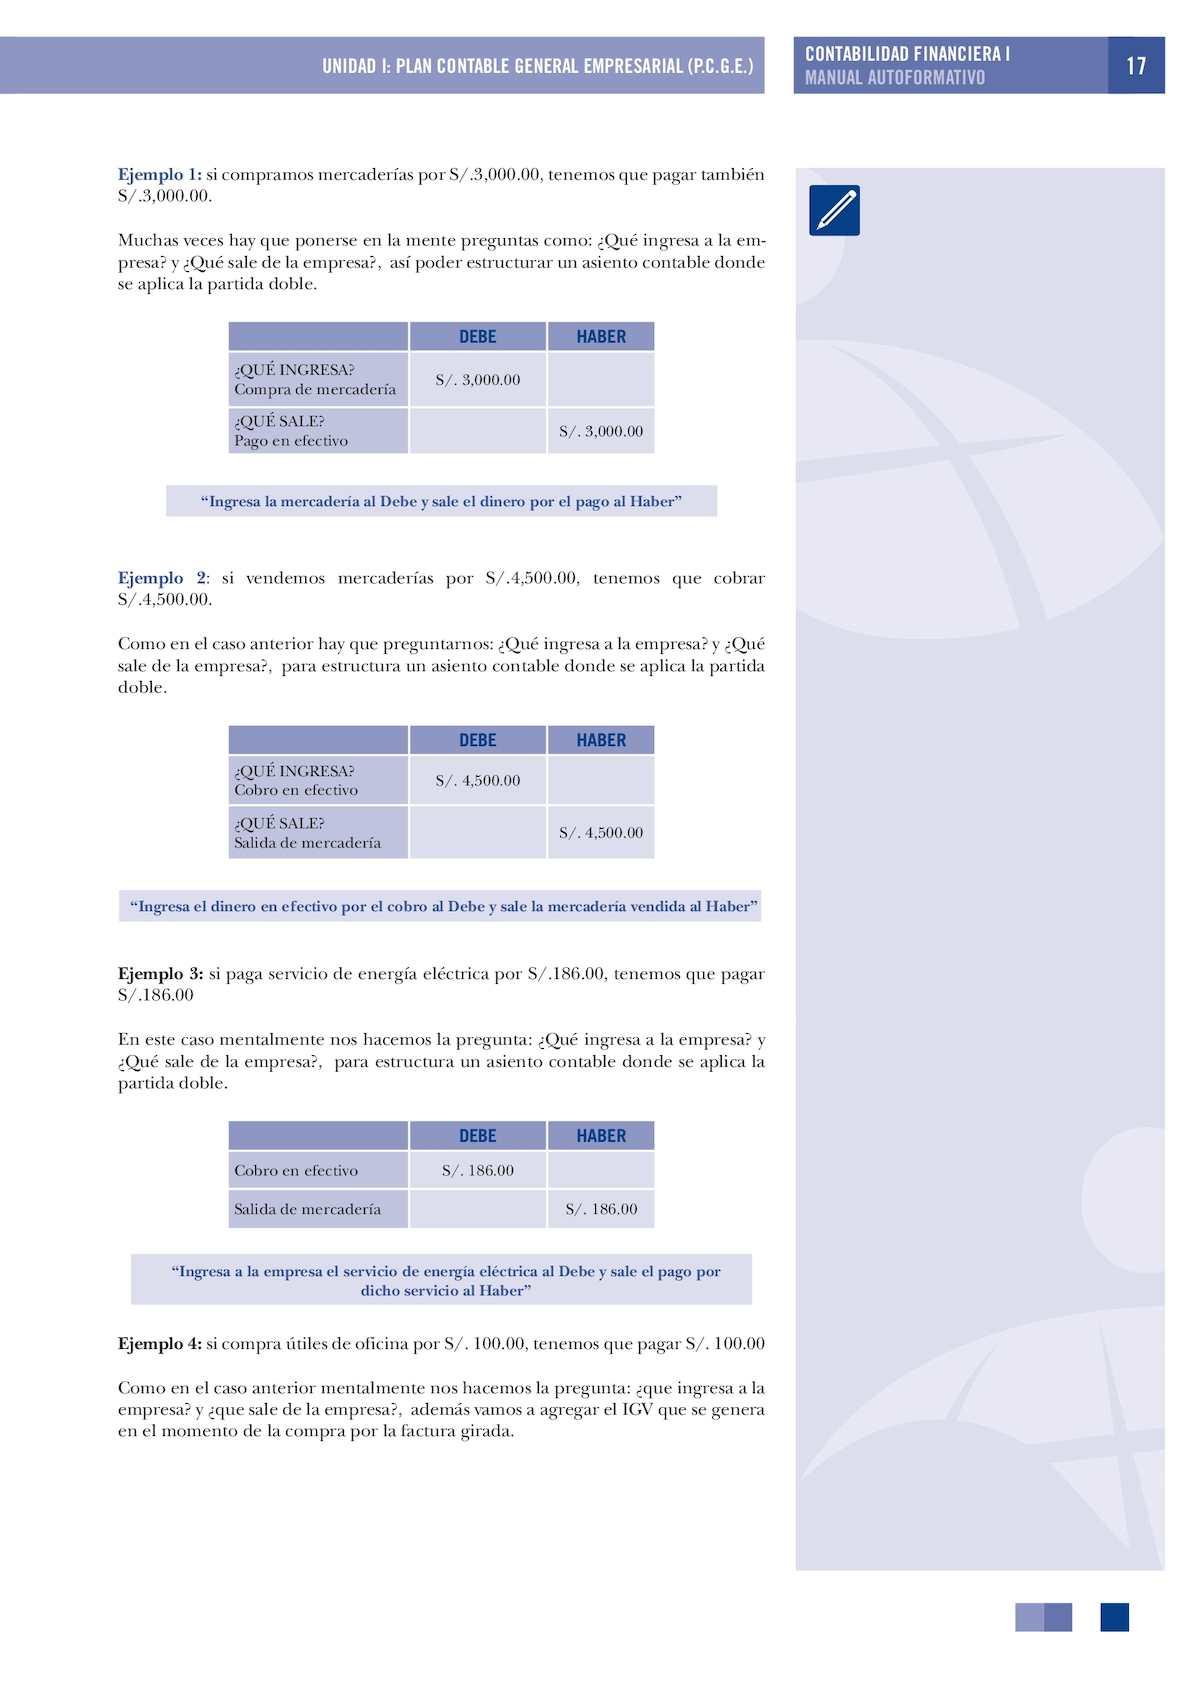 Contabilidad Financiera I Calameo Downloader